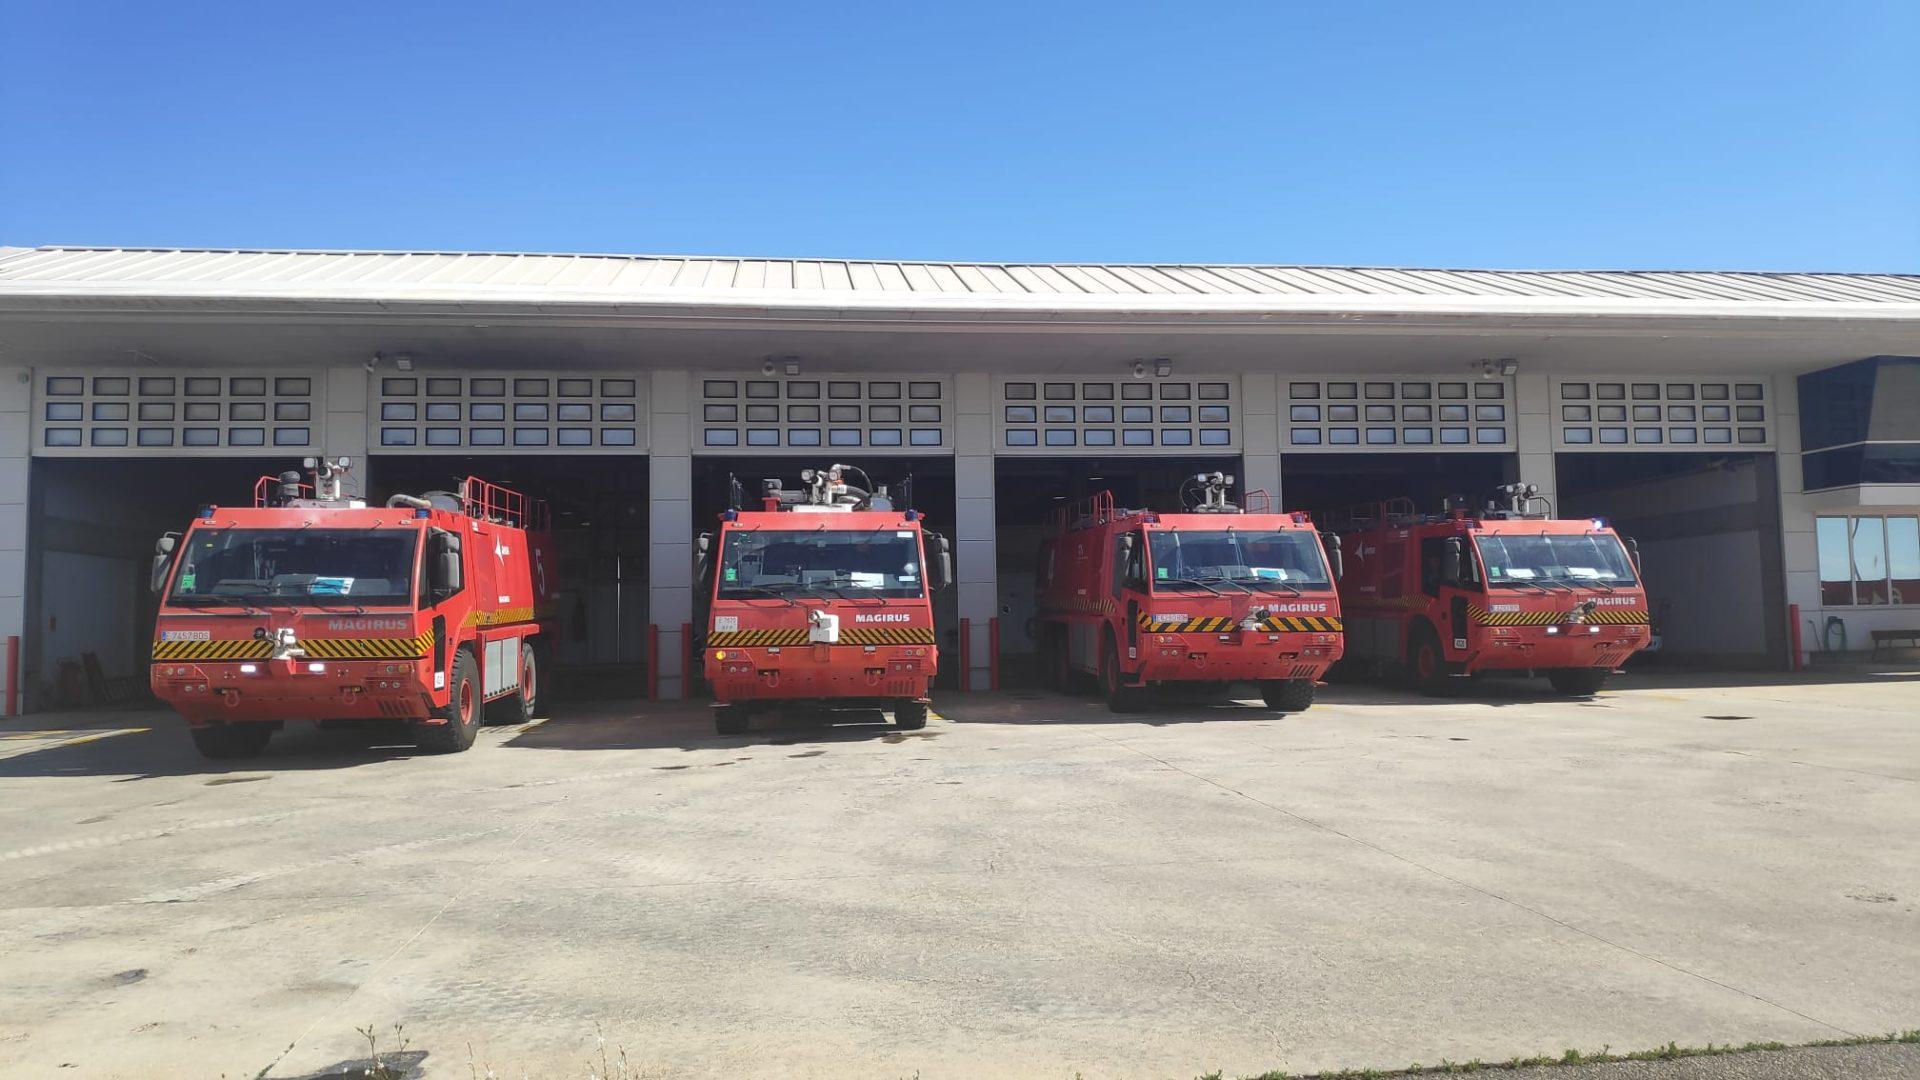 Parque de bomberos del Aeropuerto del Altet (Alicante) Imagen: SBA